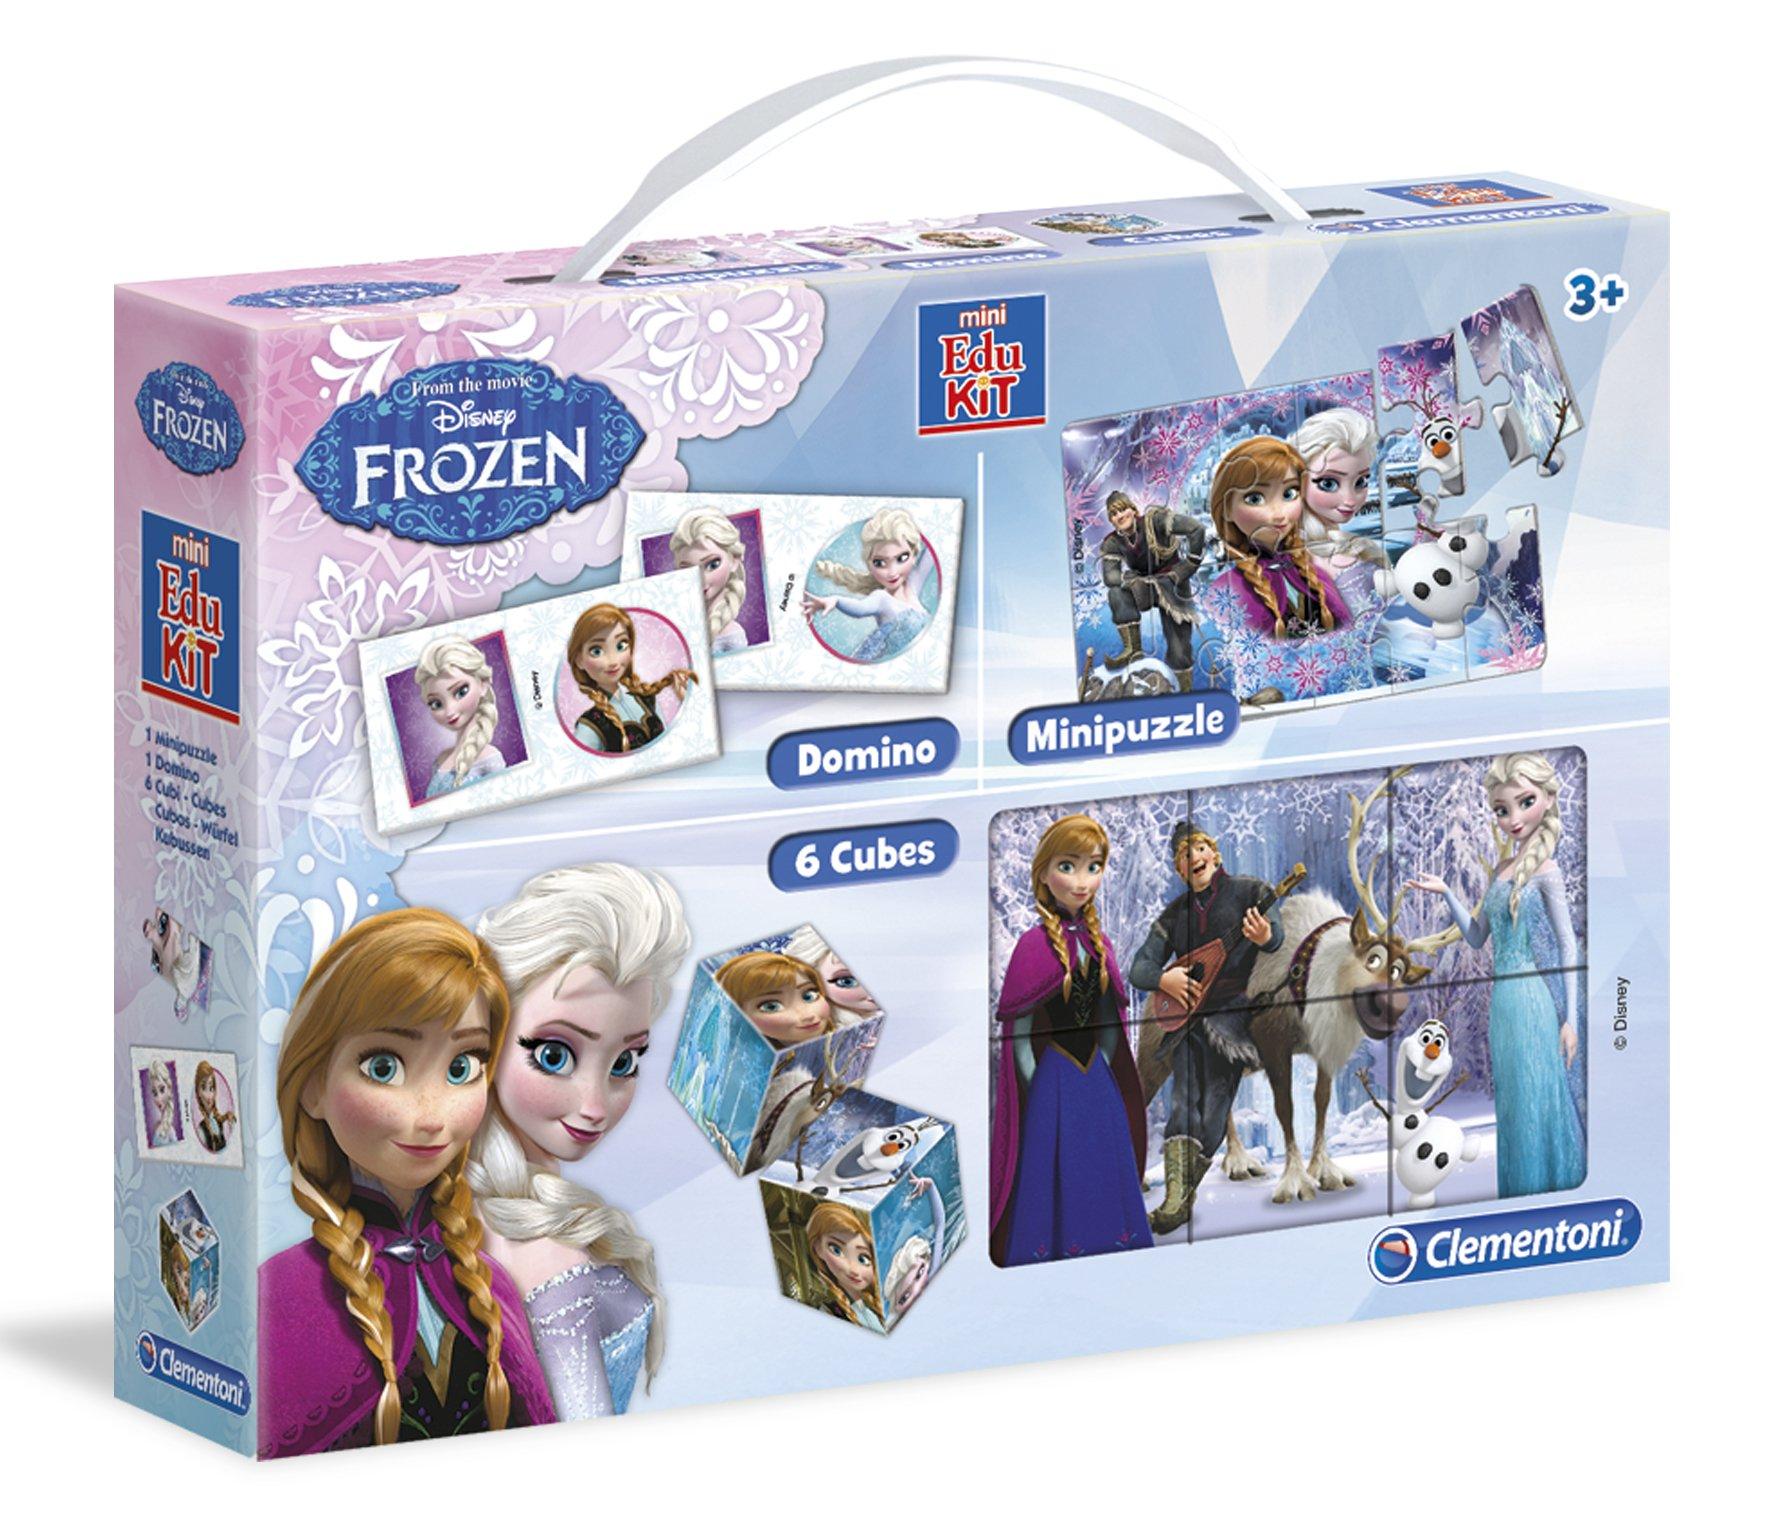 Disney Frozen - Mini Edukit, Juego Educativo (Clementoni 134922): Amazon.es: Juguetes y juegos